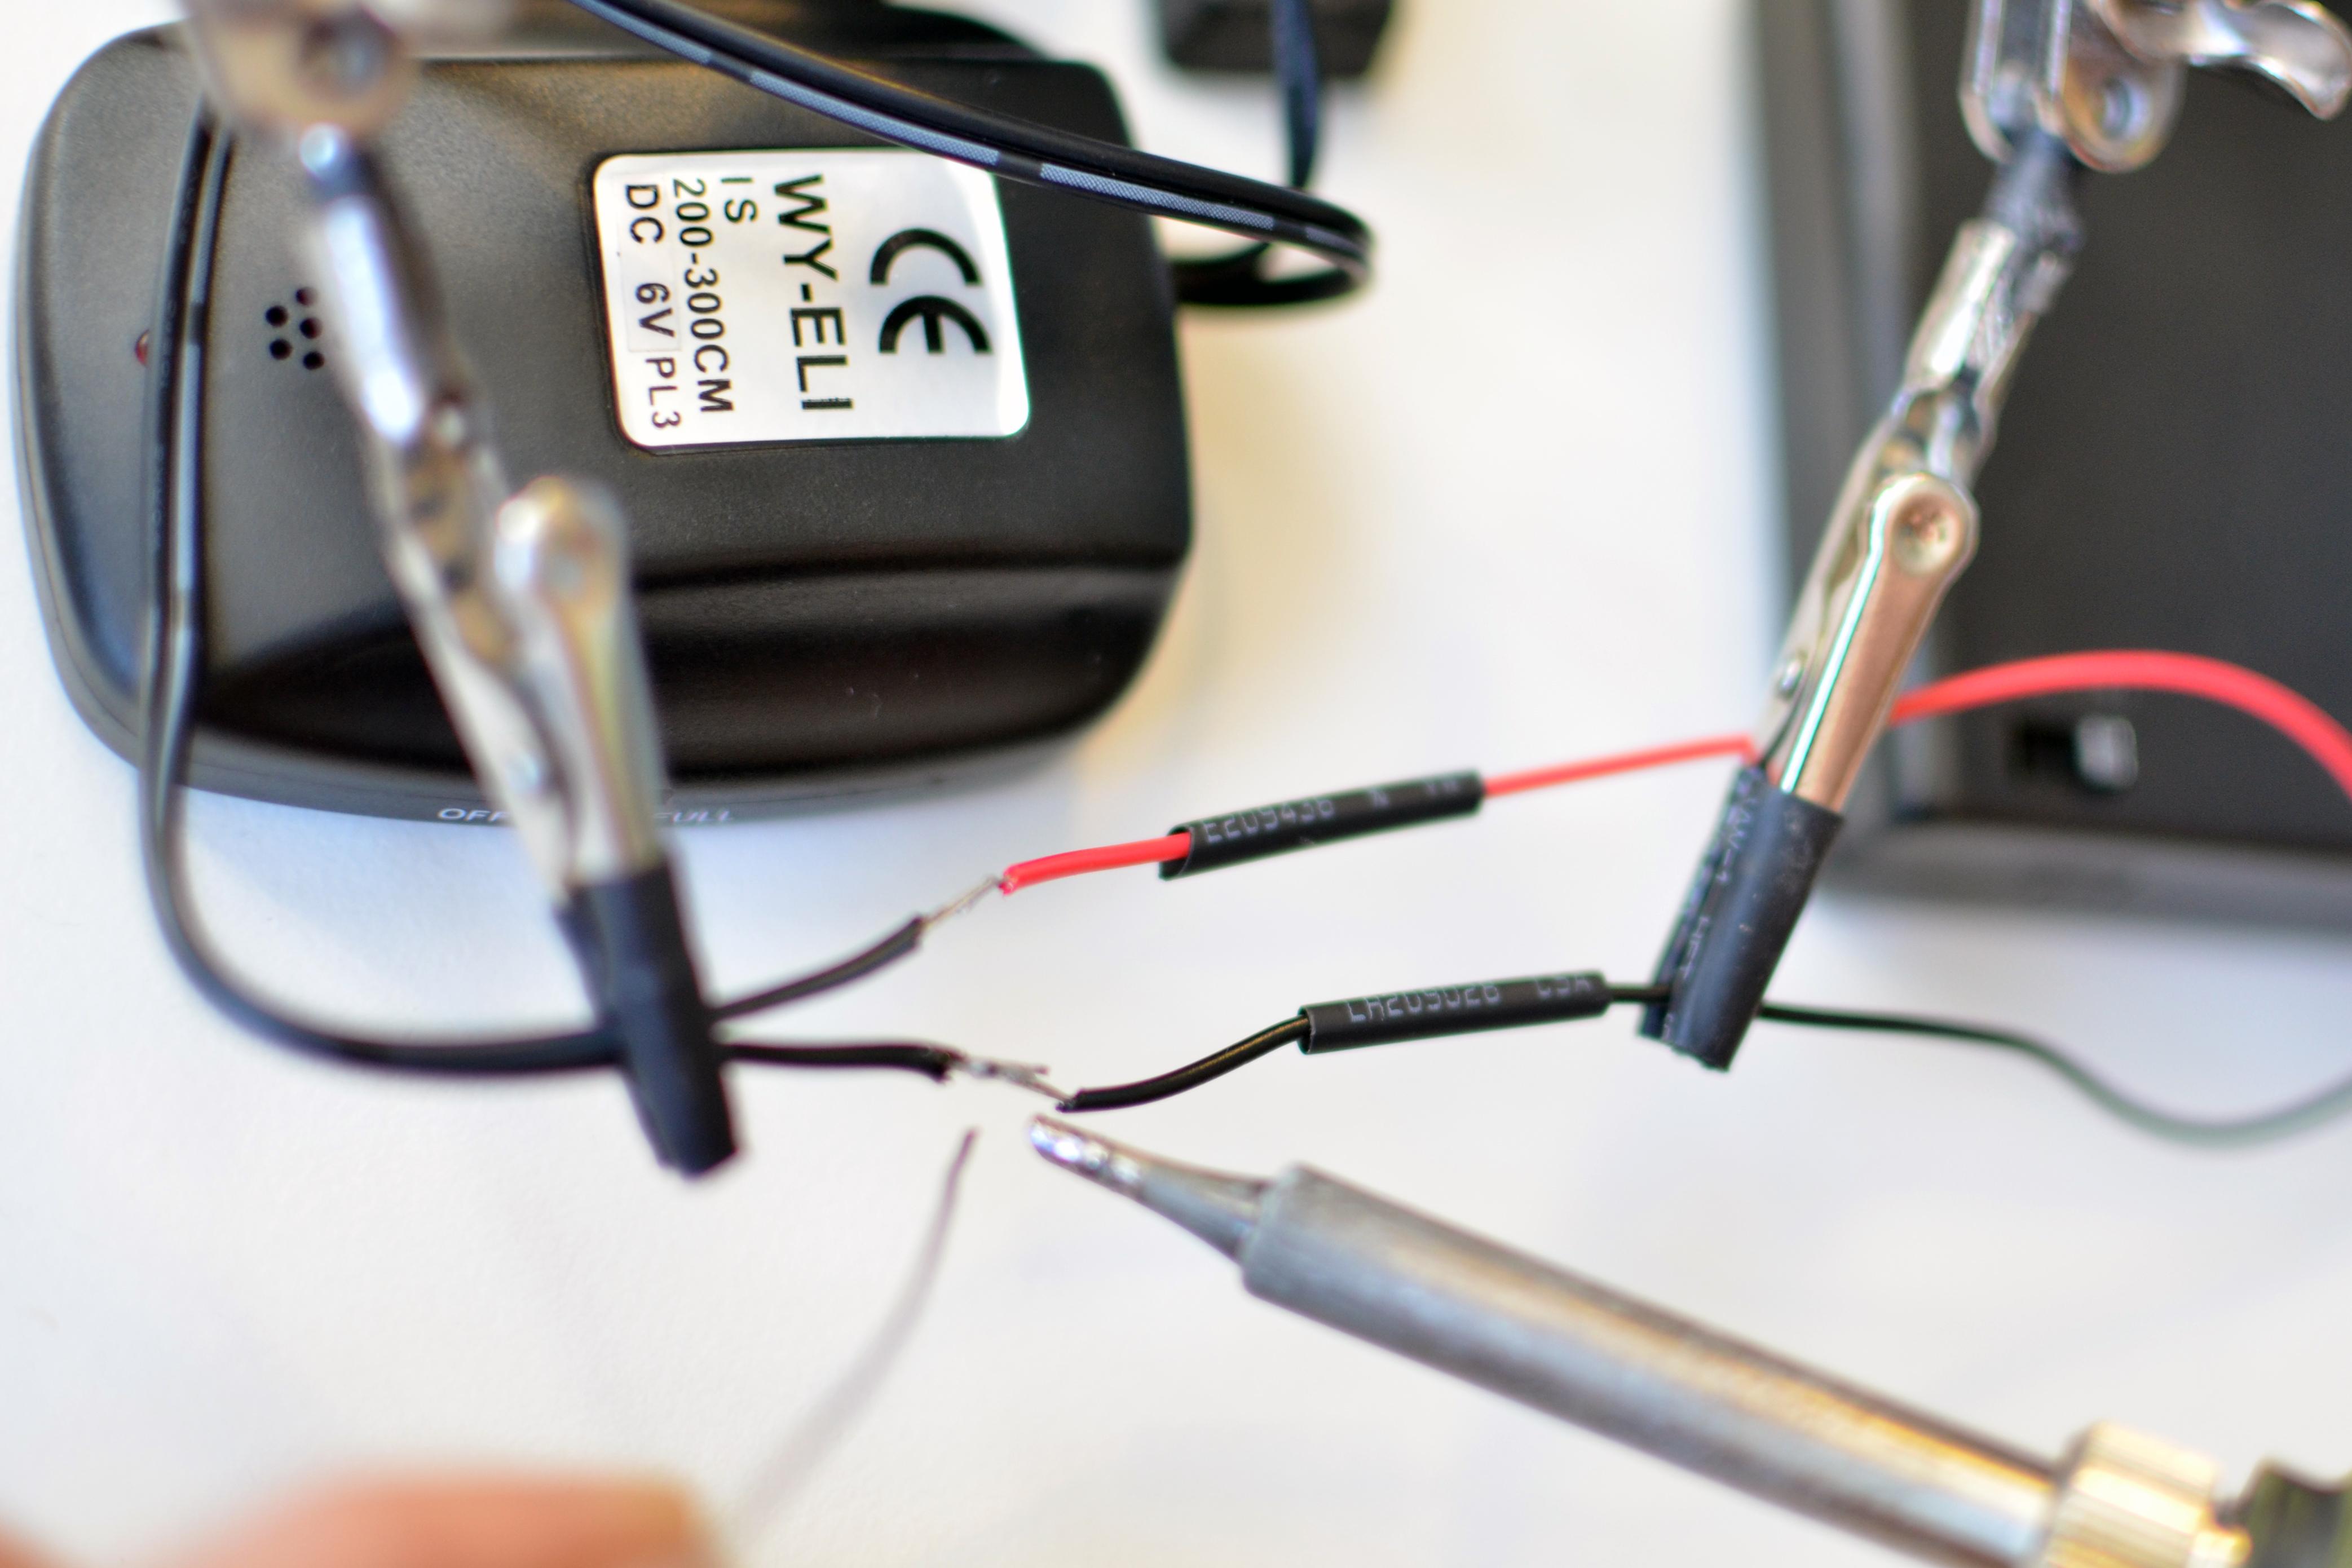 el_wire_tape_panel_el-tron-hoodie-adafruit-00.jpg